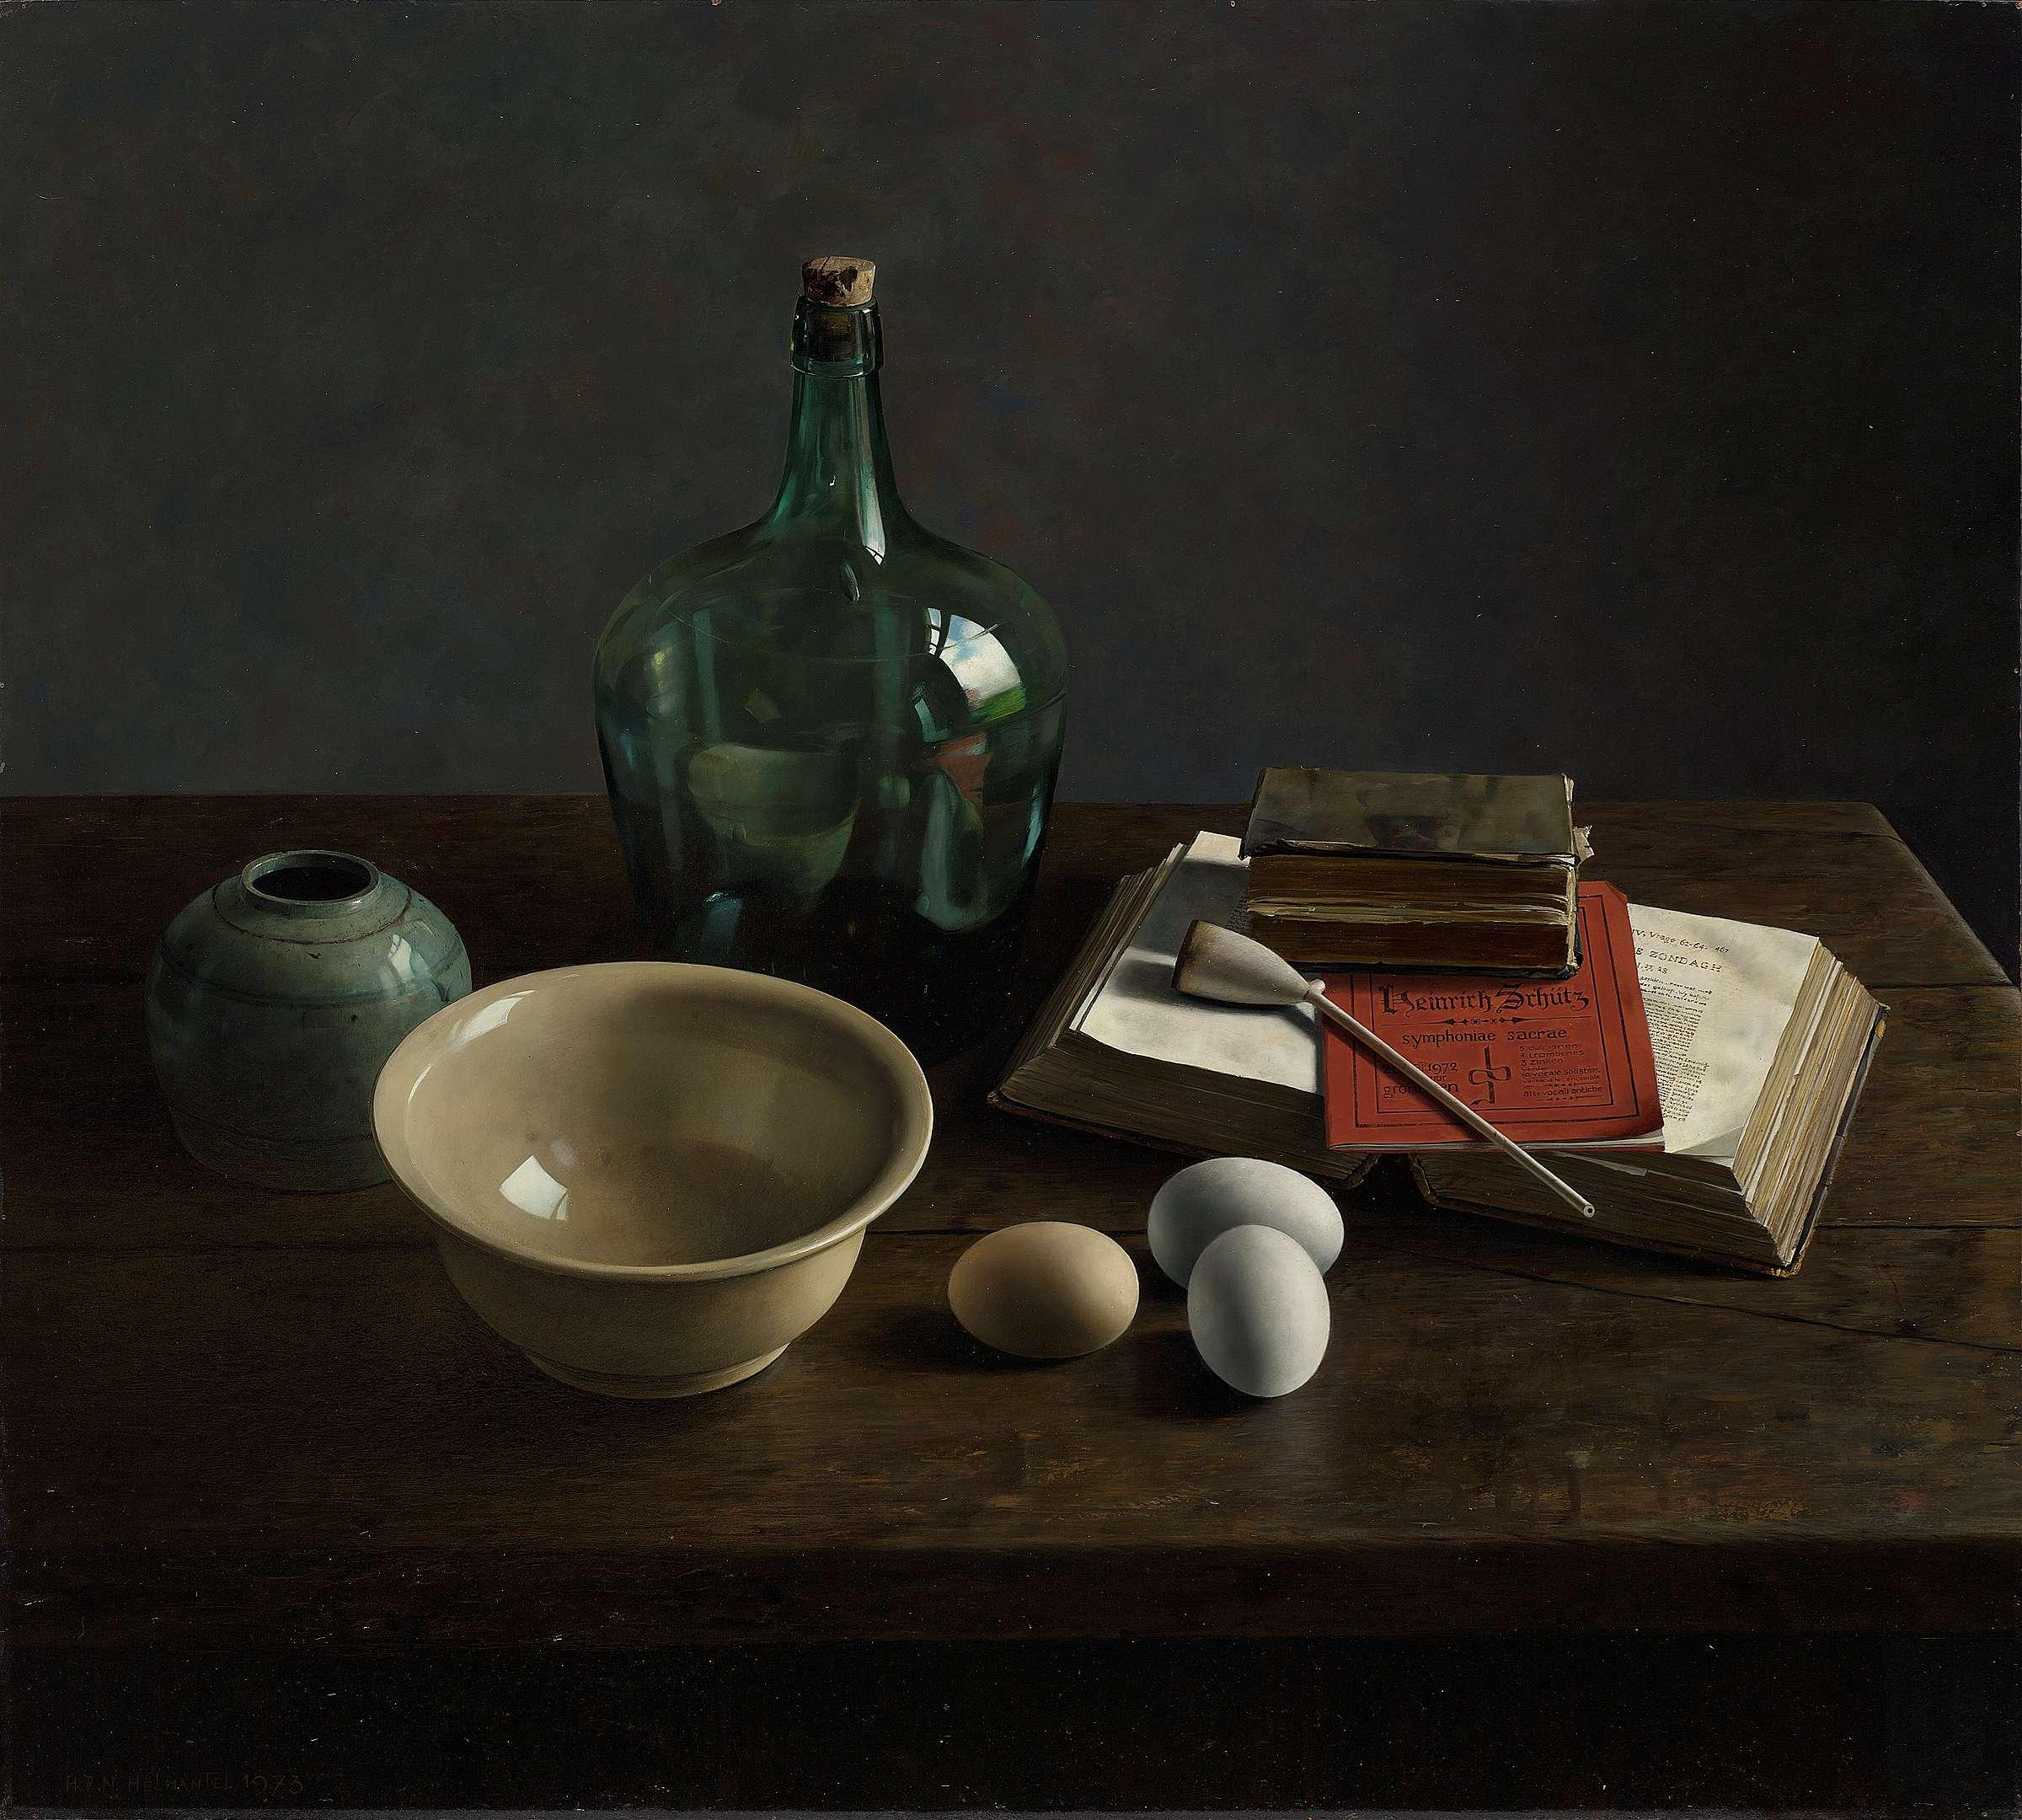 Hommage aan Heinrich Schutz door Henk Helmantel heeft prachtige lichteffecten - zie je het detail in de vaas, met de reflectie van de schilder?